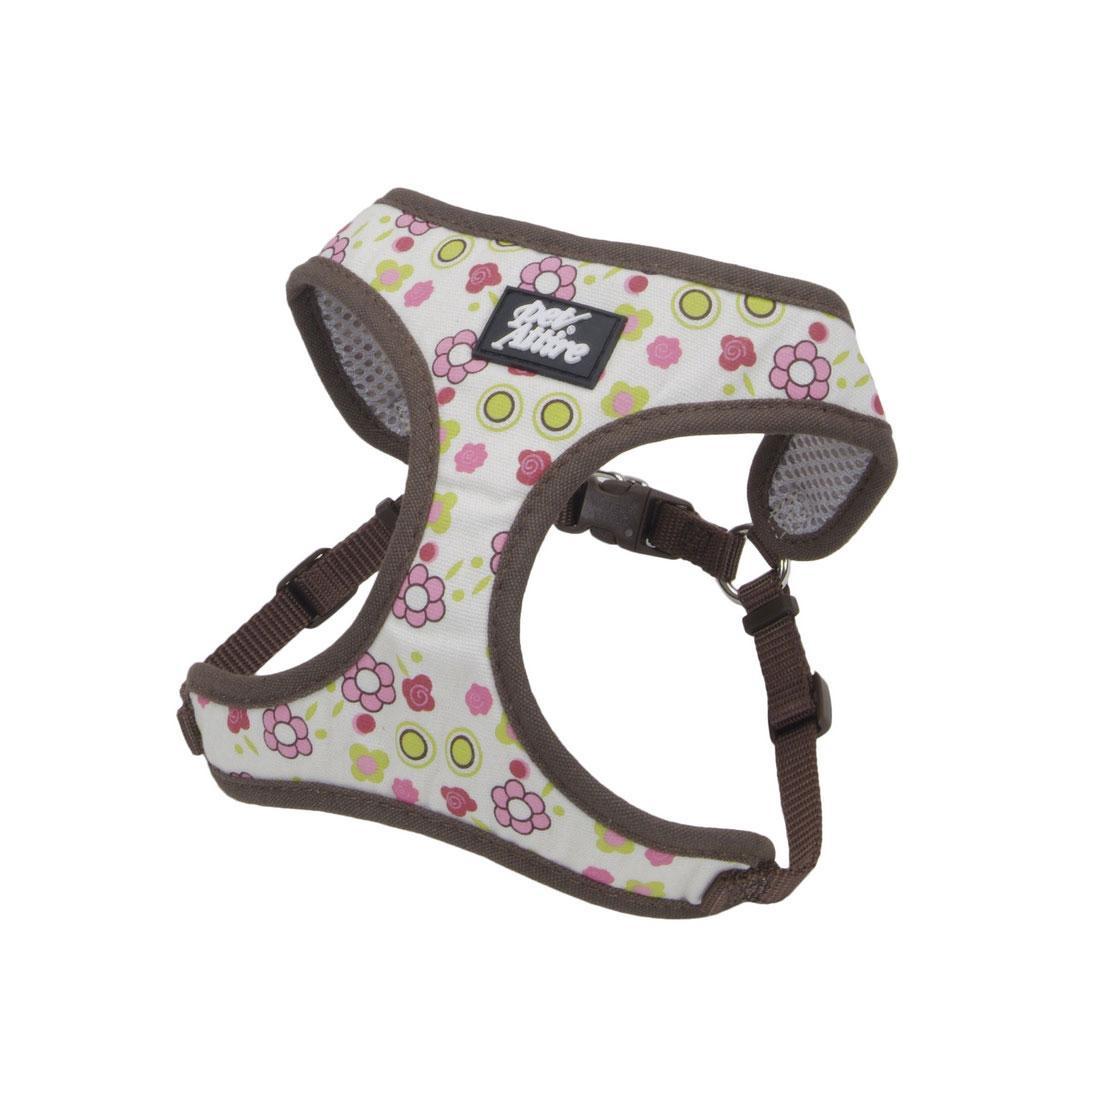 Ribbon Designer Wrap Adjustable Dog Harness, Floral Rose, 3/8-in x 14-16-in